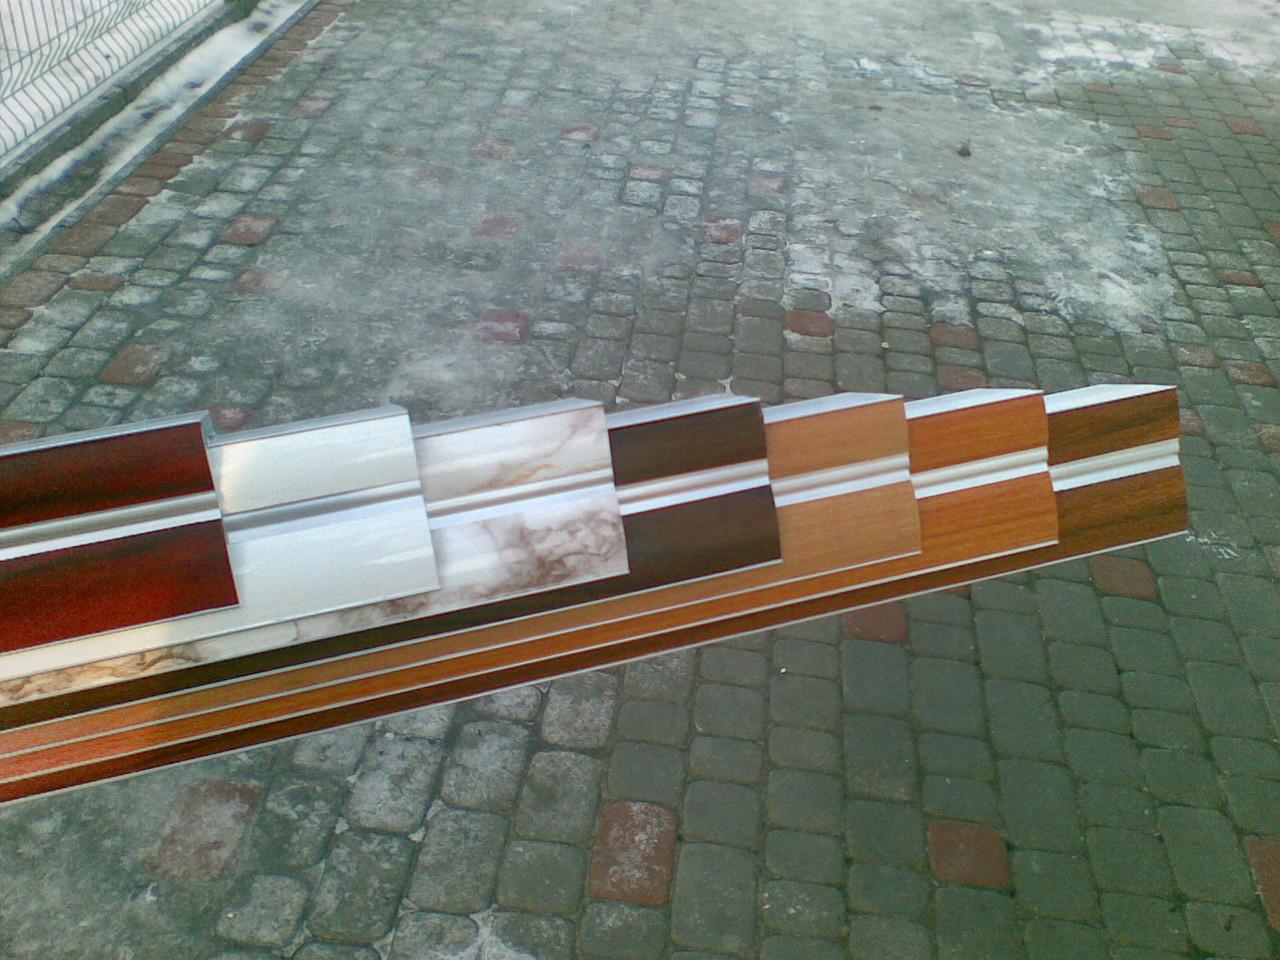 Карниз 1,2 метра двойной трубчатый металлопластиковый, ассортимент цветов, доставка по Украине - фото 6